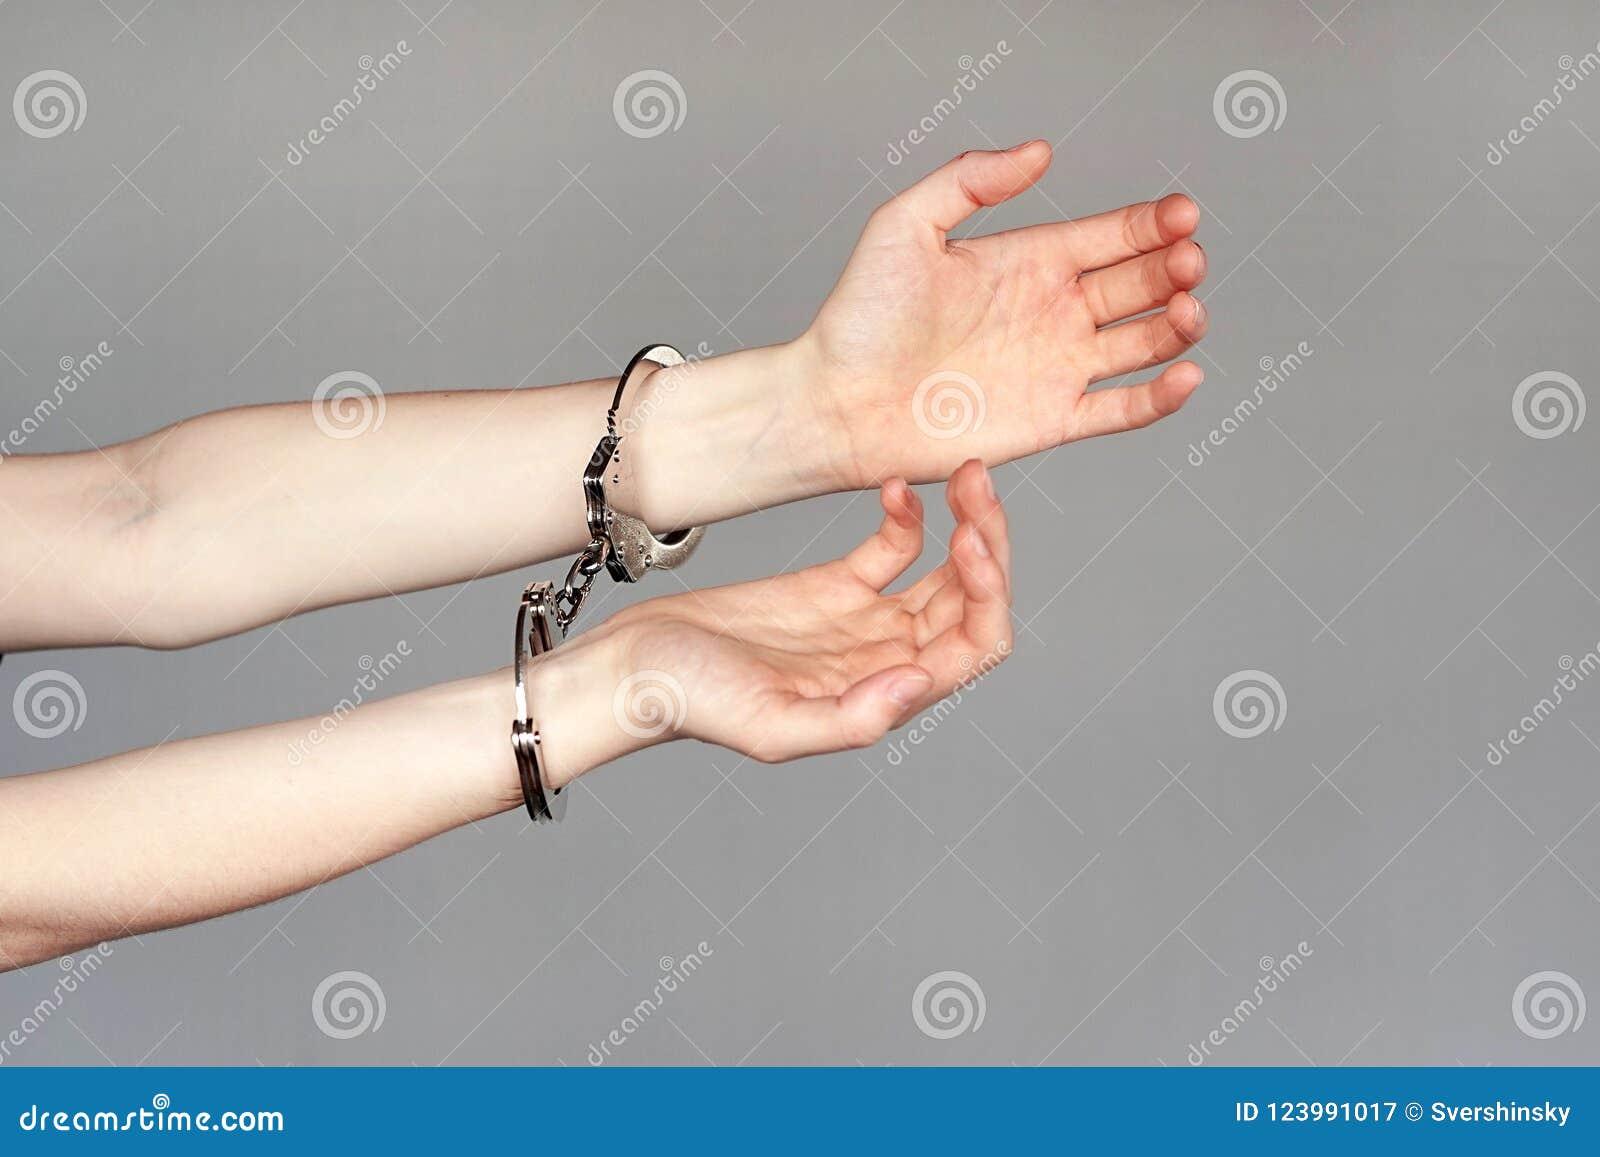 Zamknięta przestępca zakłada kajdanki ręki blokować w górę widok